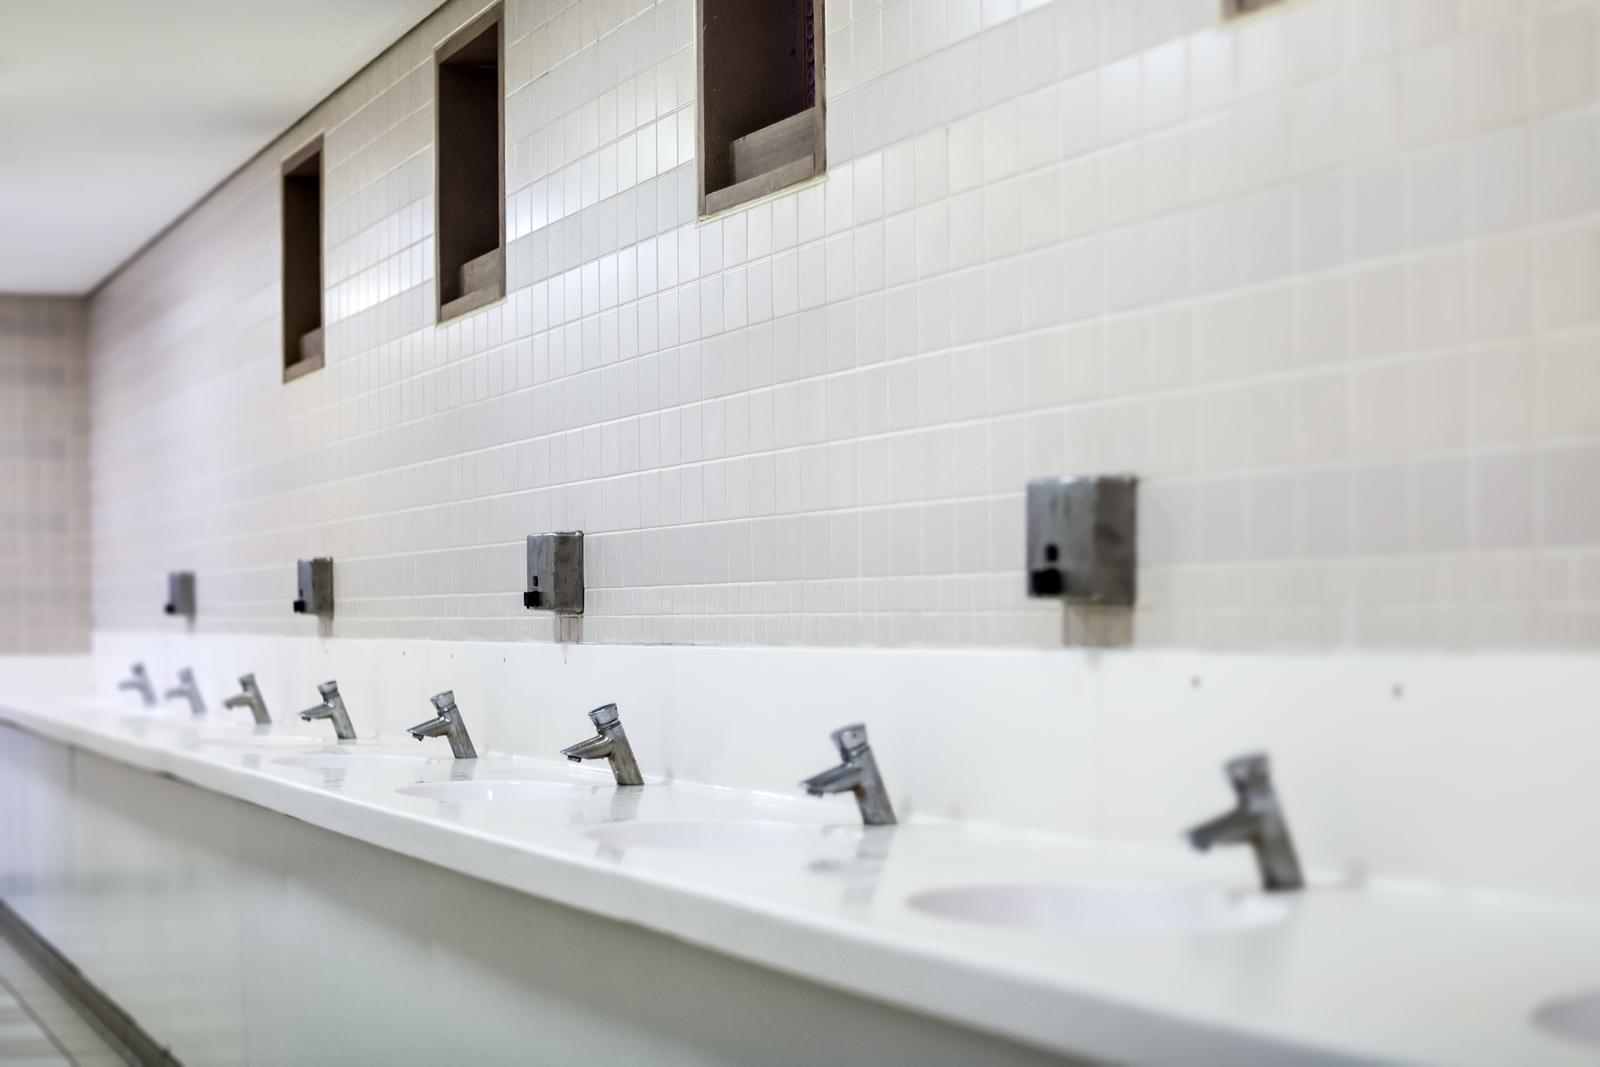 Commercial Bathroom Renovations